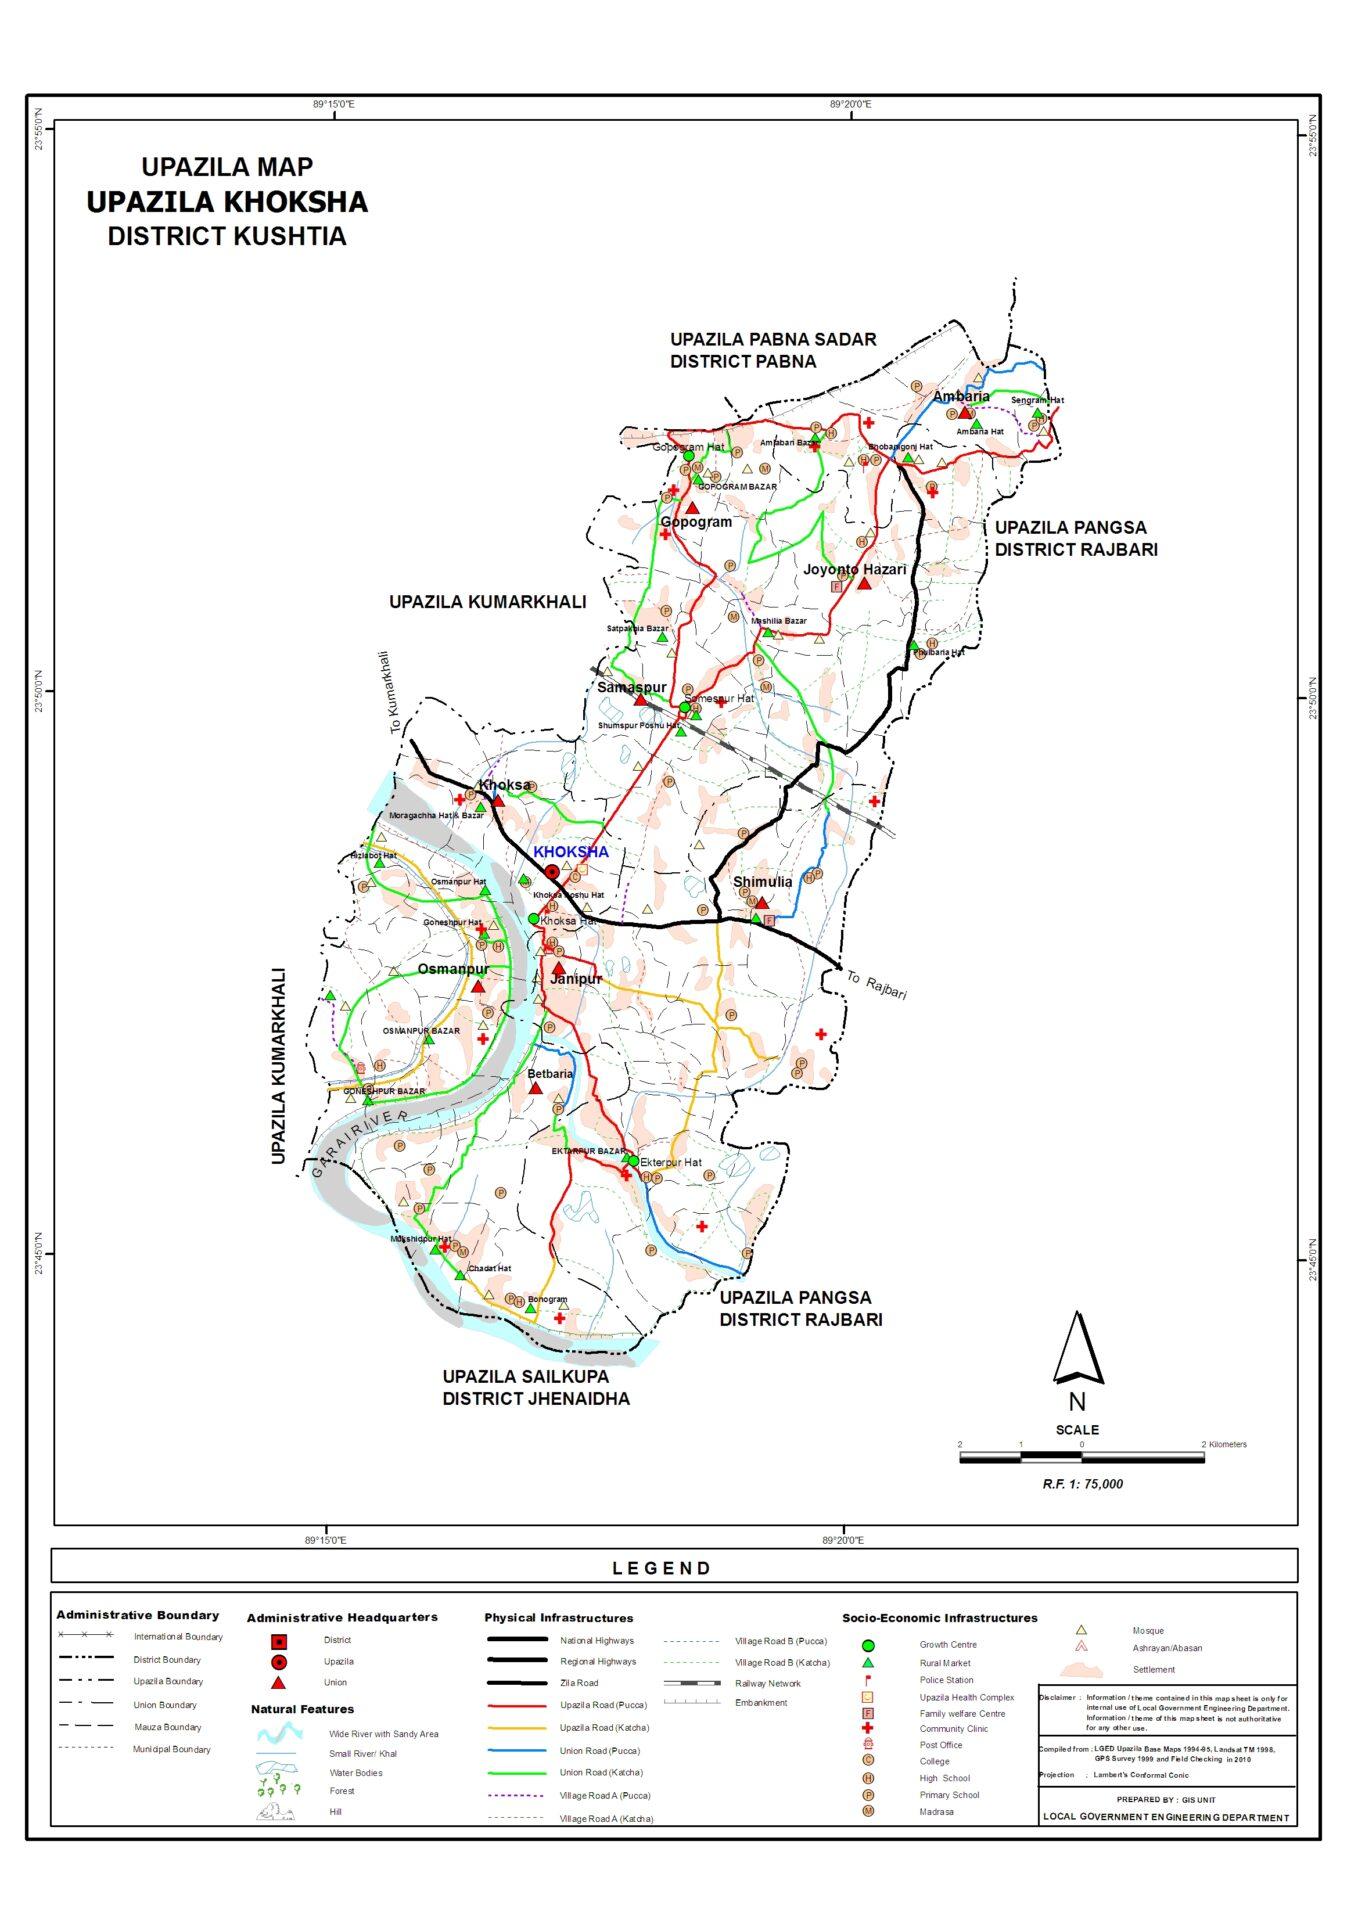 Khoksha Upozila Map | খোকসা উপজেলা ম্যাপ